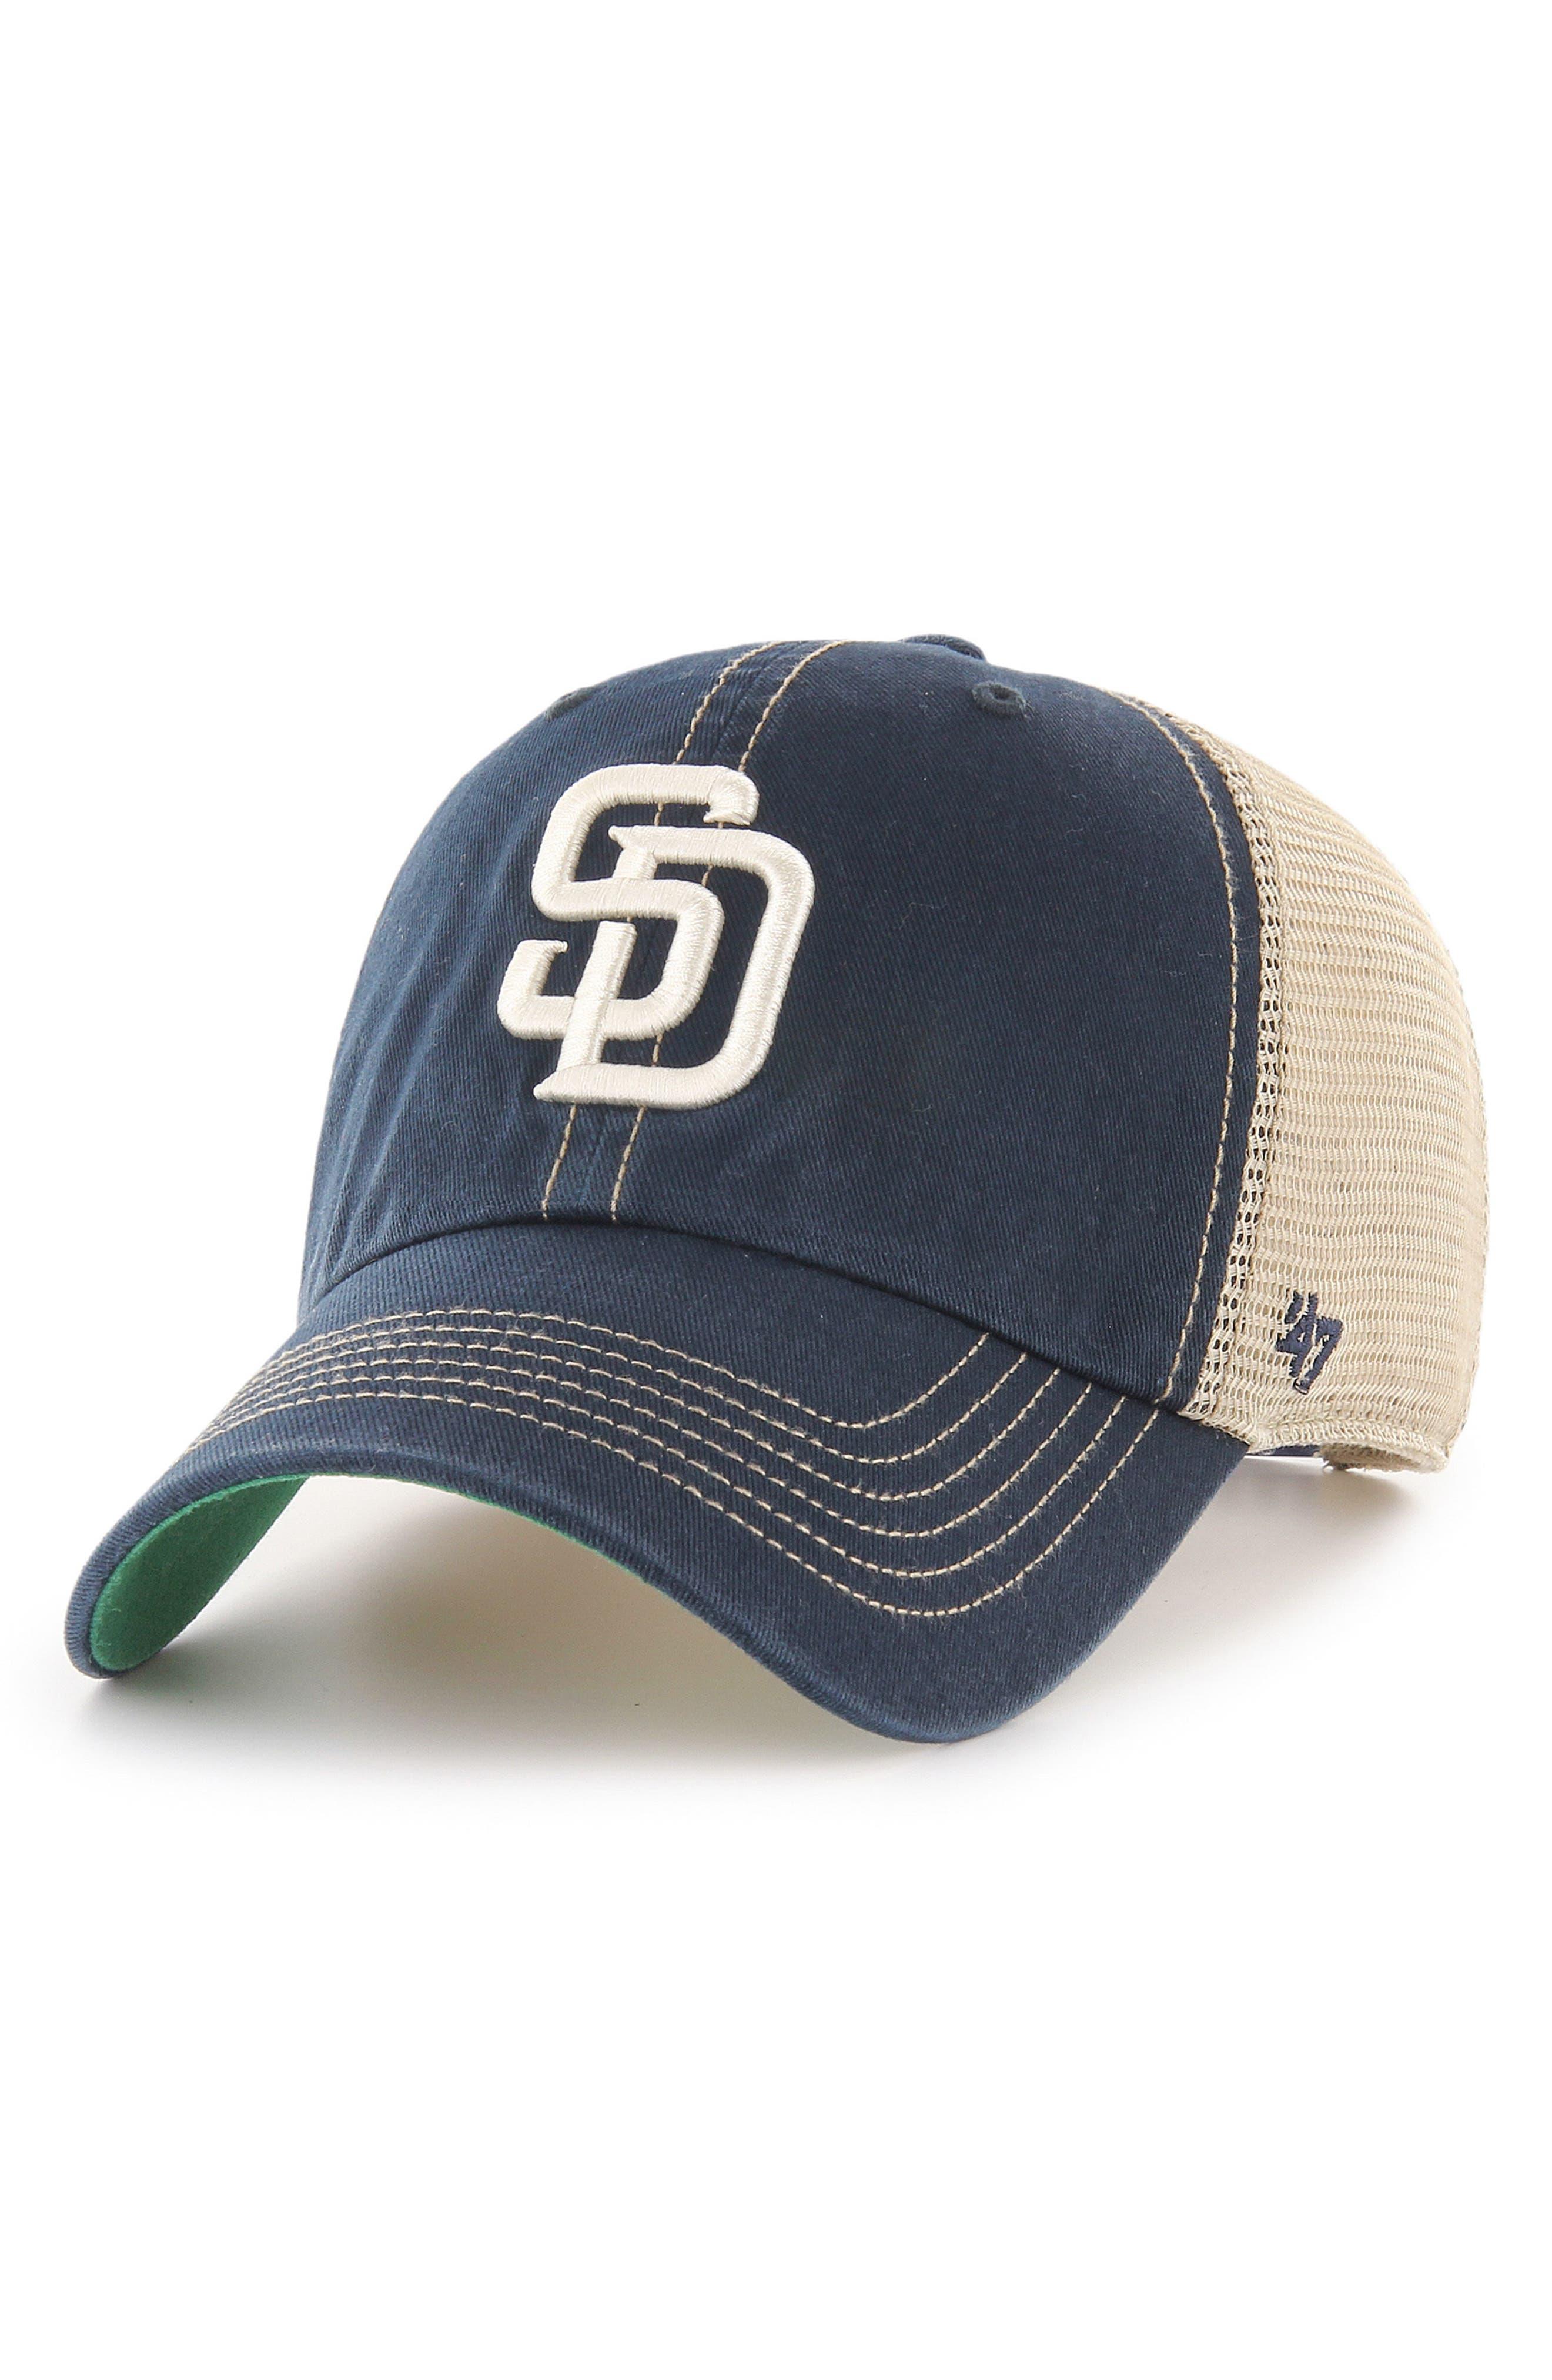 MLB Trawler Ball Cap,                             Main thumbnail 1, color,                             San Diego Padres